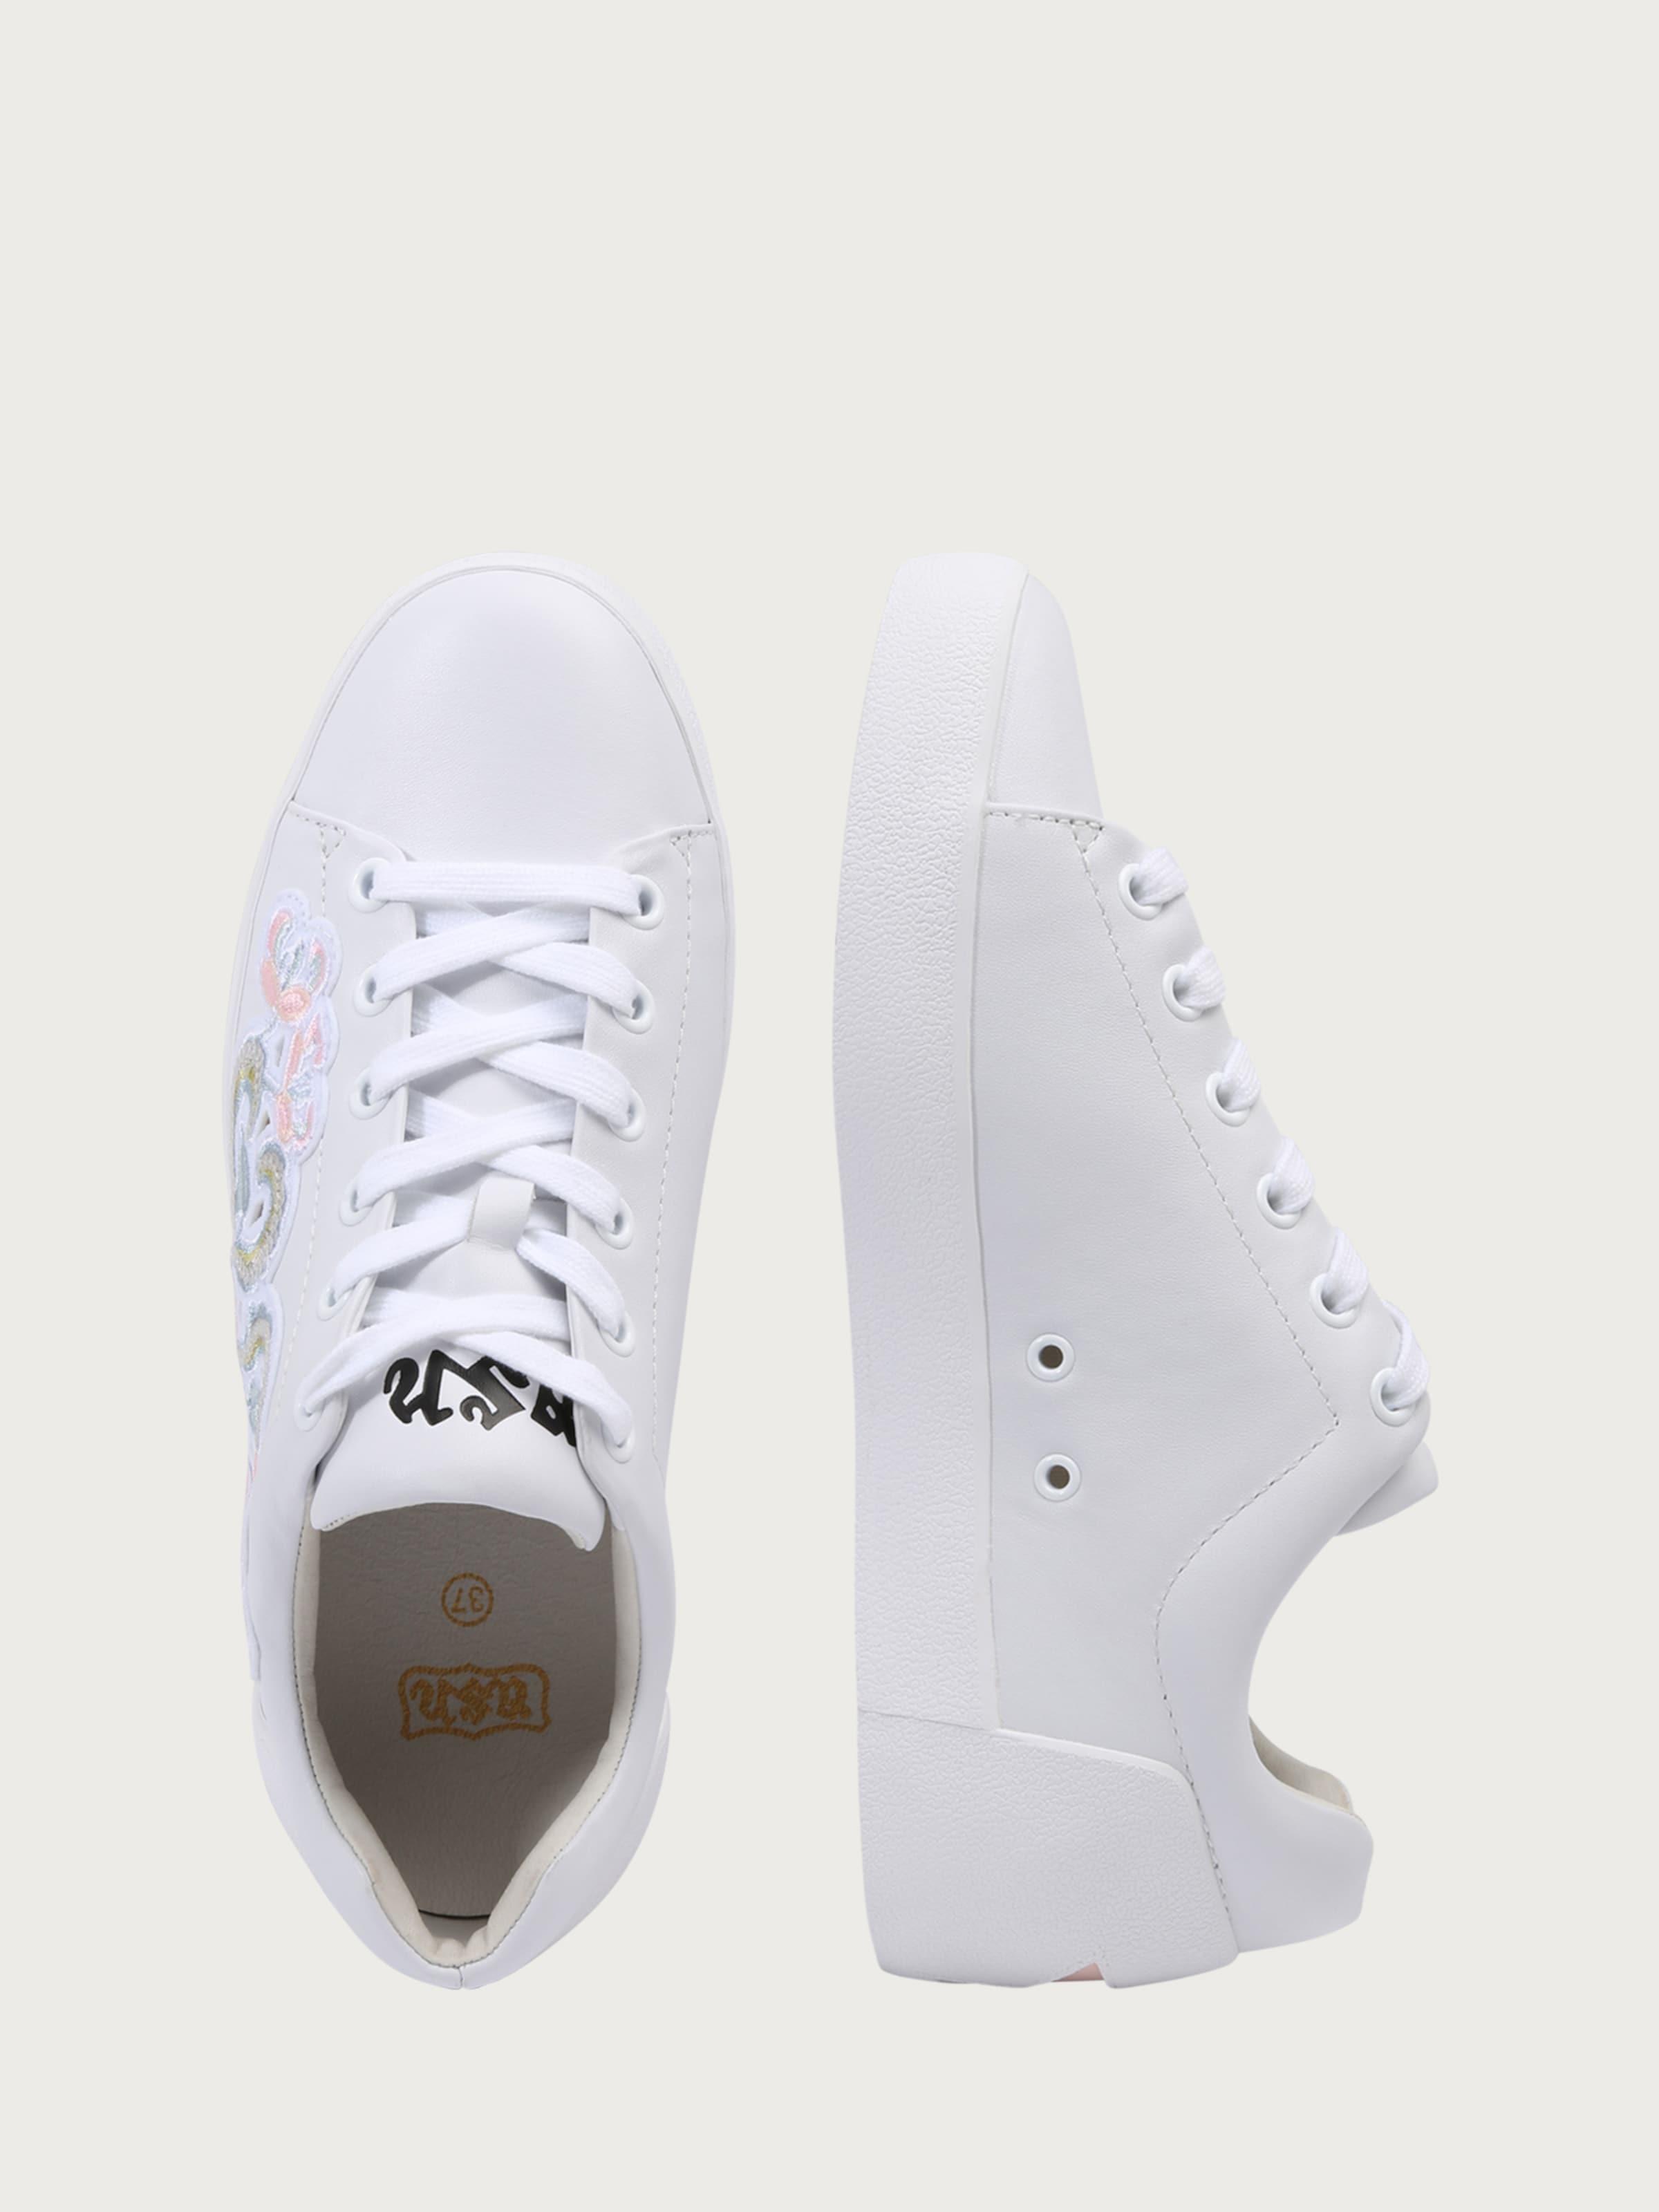 ASH Sneaker 'NAK BIS' Erkunden 7Rh07